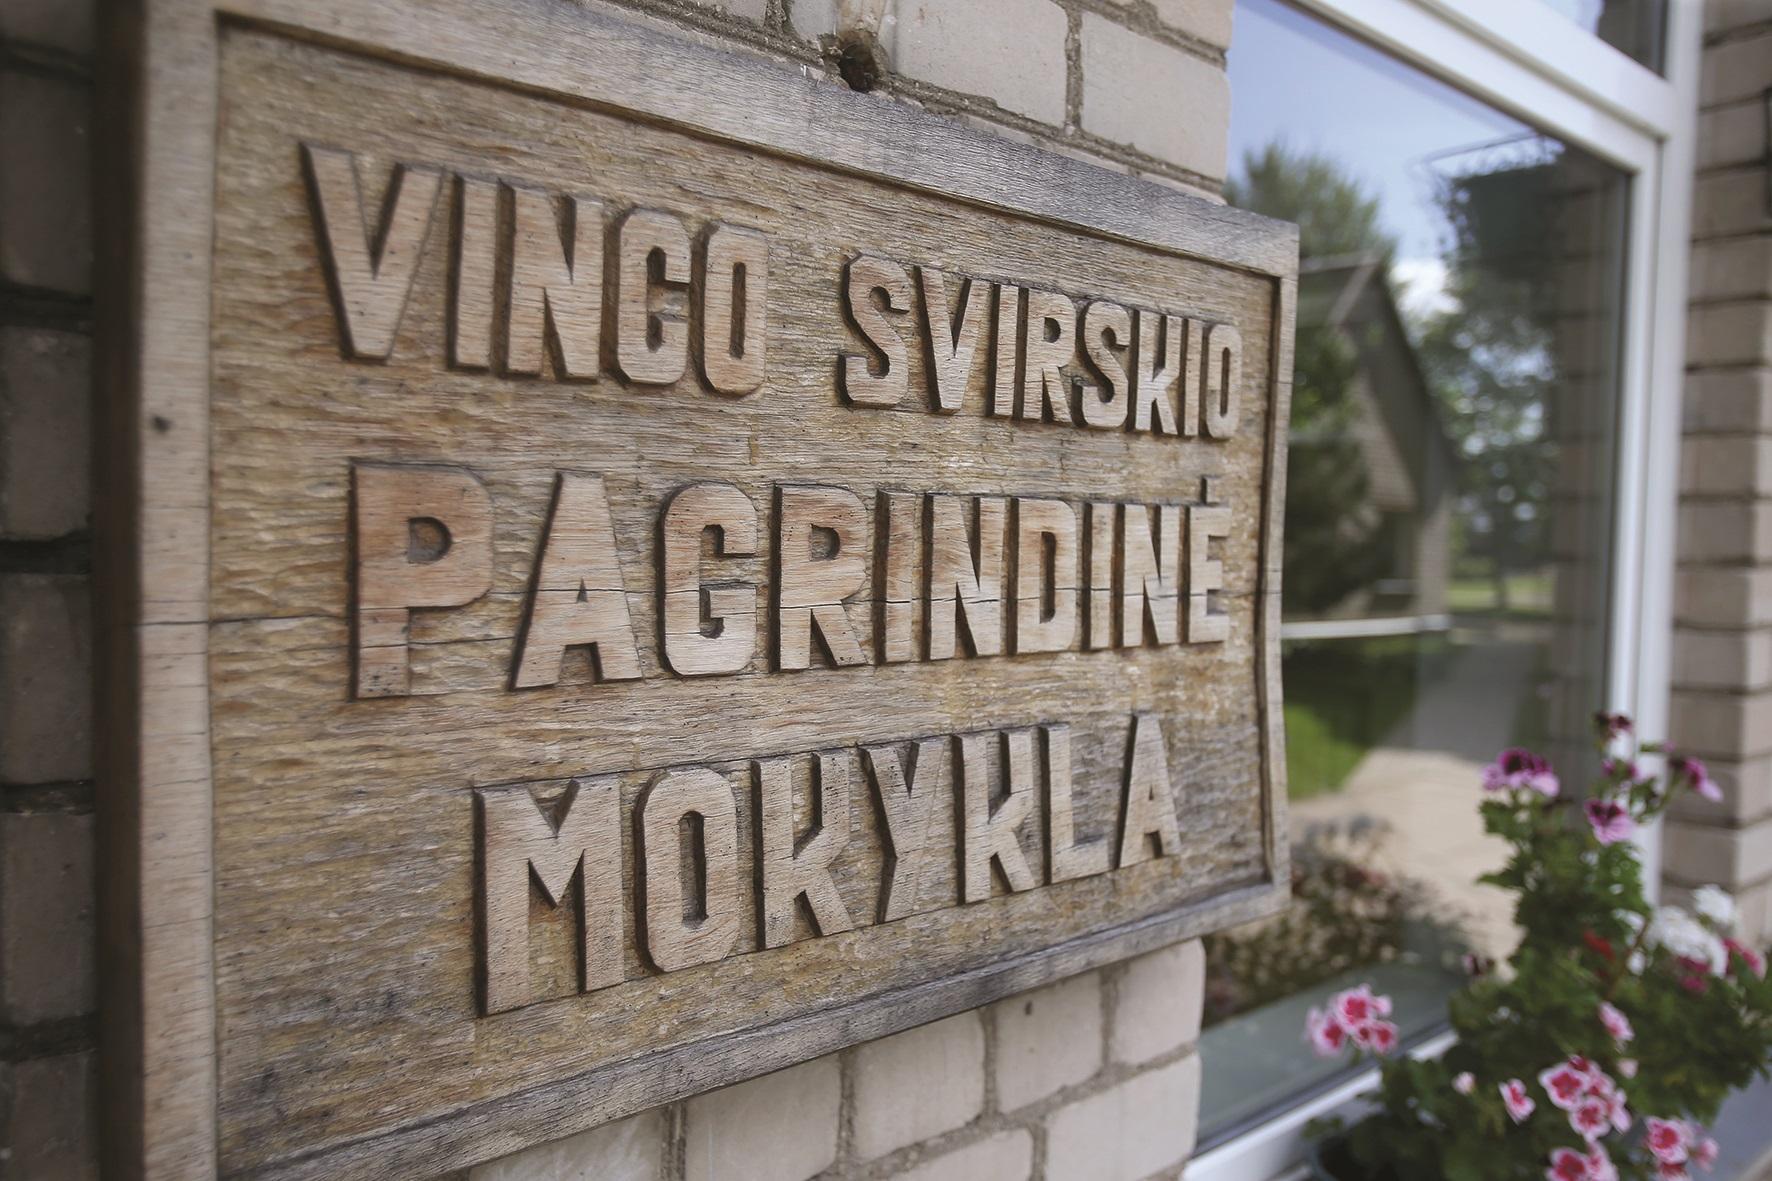 Surviliškio mokykloje remontas dar net neprasidėtas, nors rugsėjo 1-oji jau čia pat.